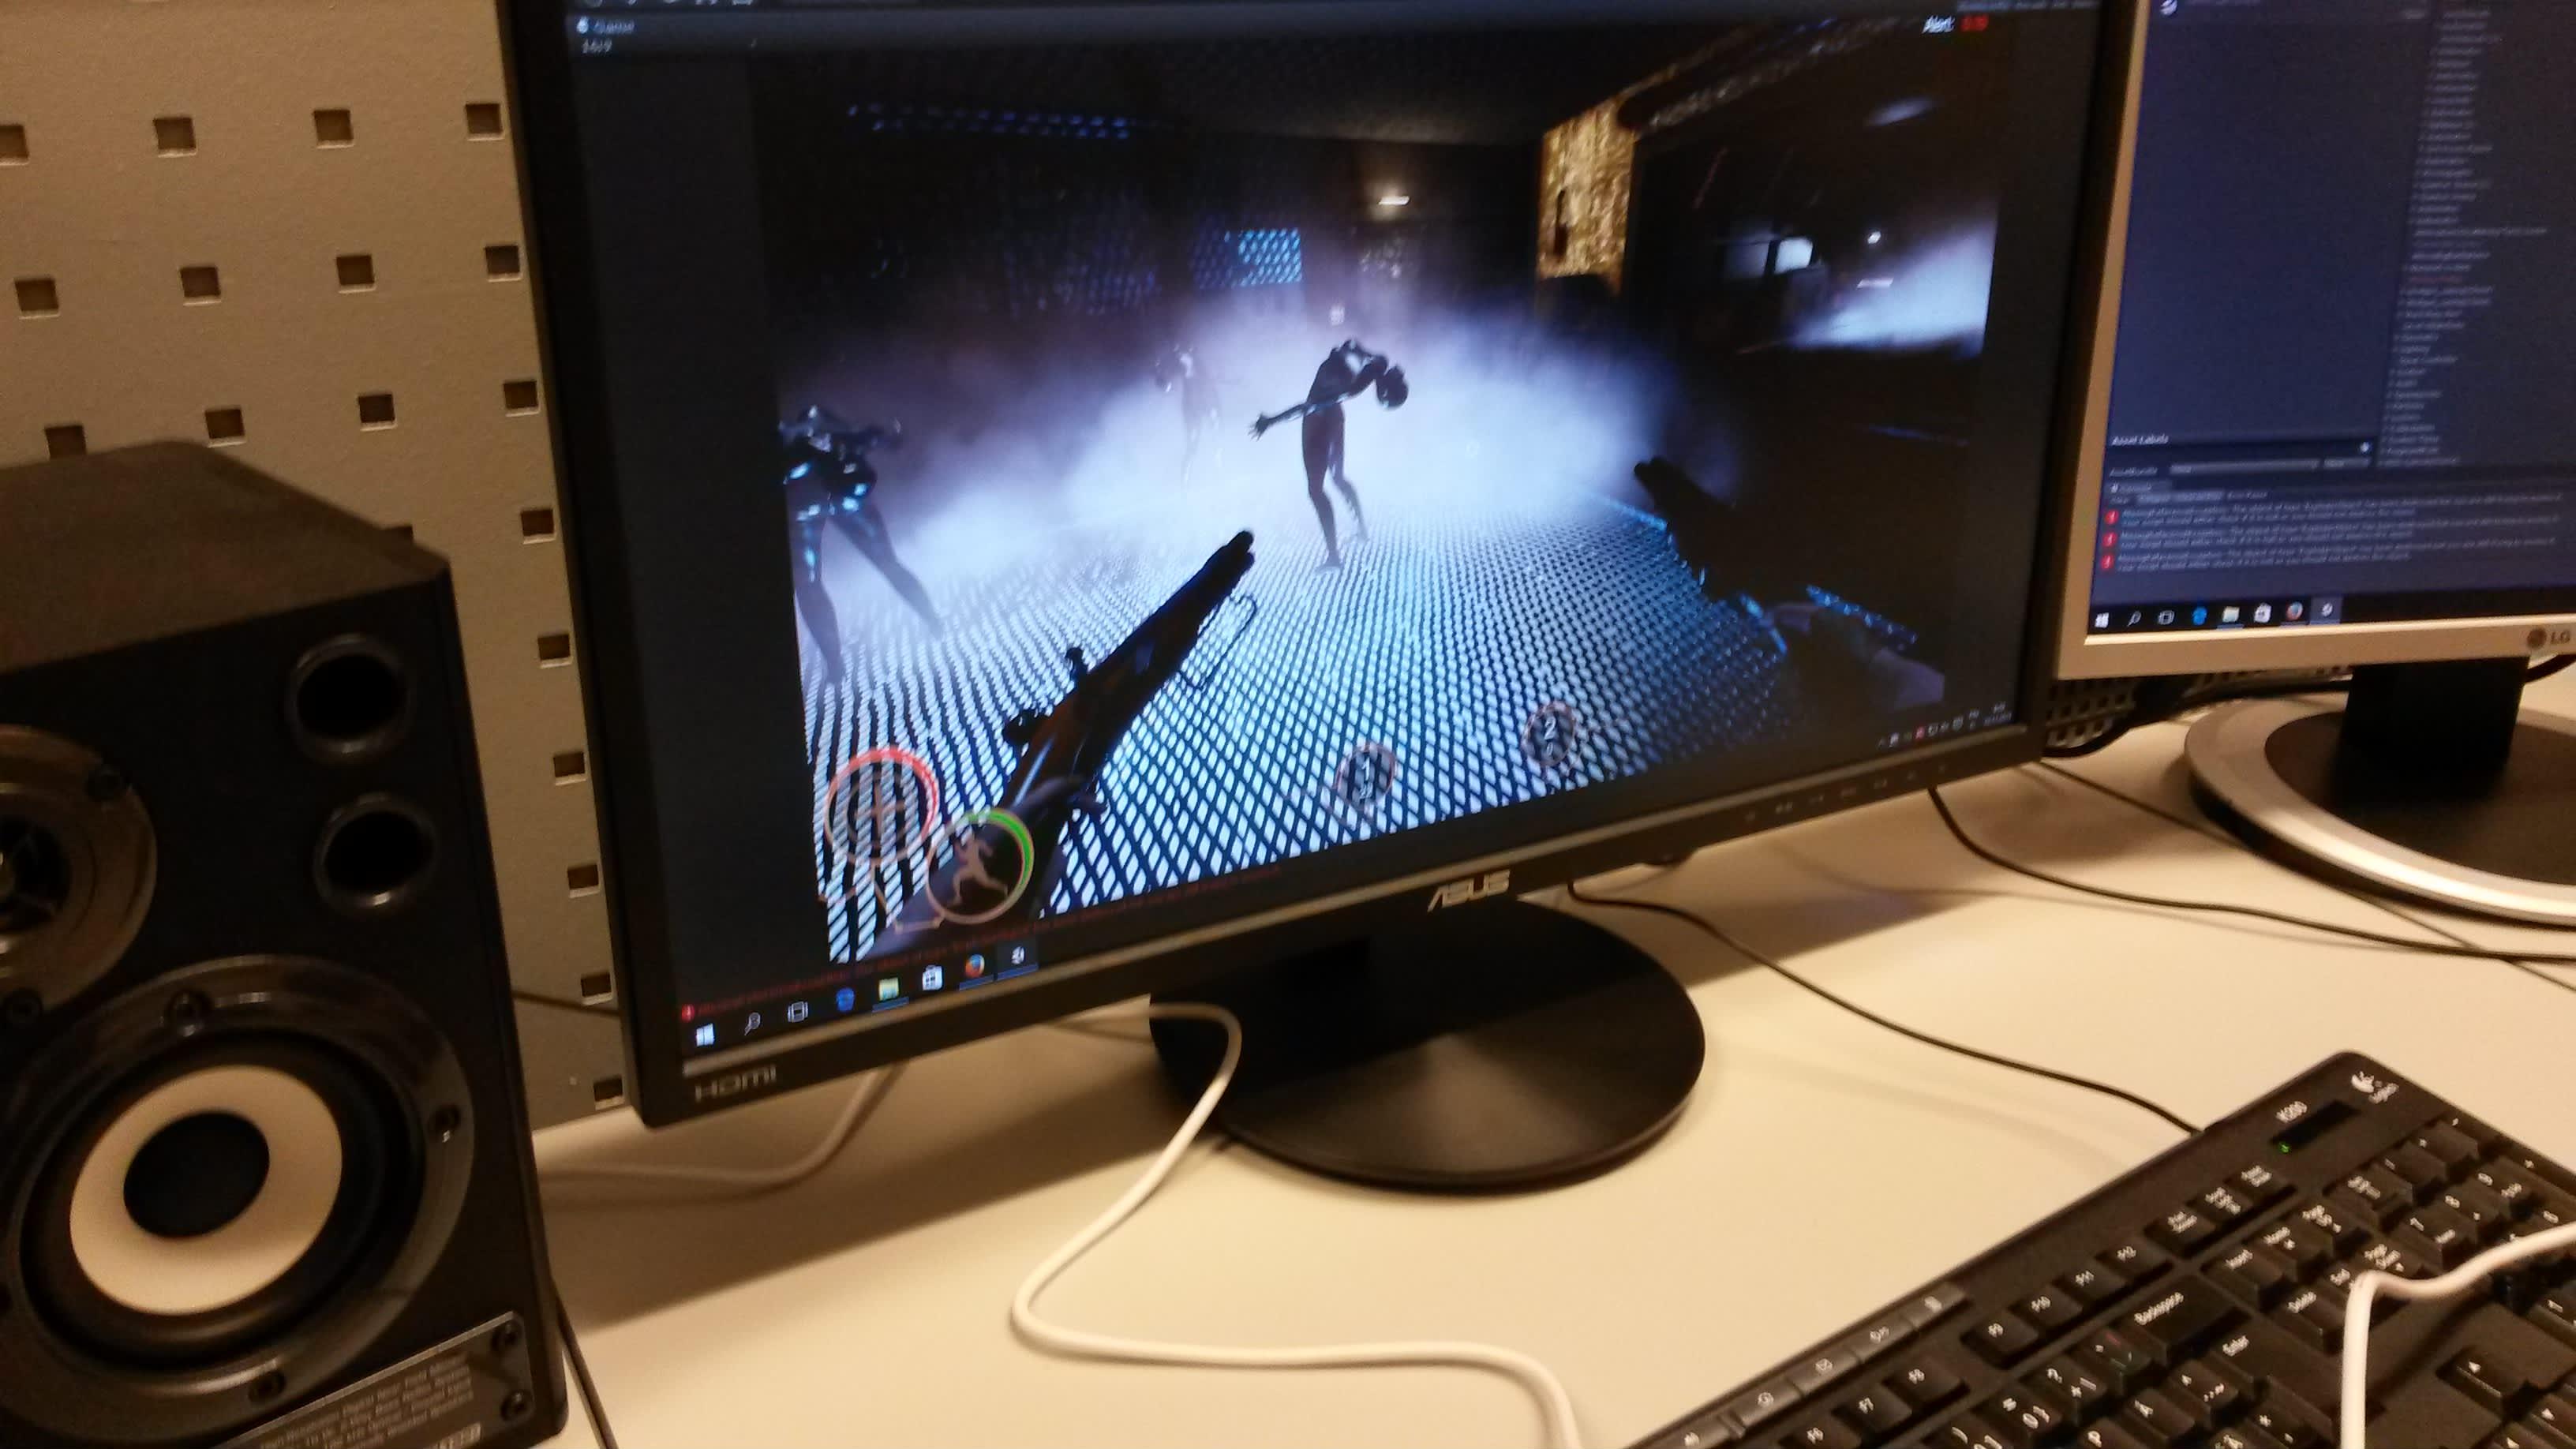 Tietokoneen näytöllä pelataan kouvolalaisen pelifirman Avenging Angel -tietokonepeliä.